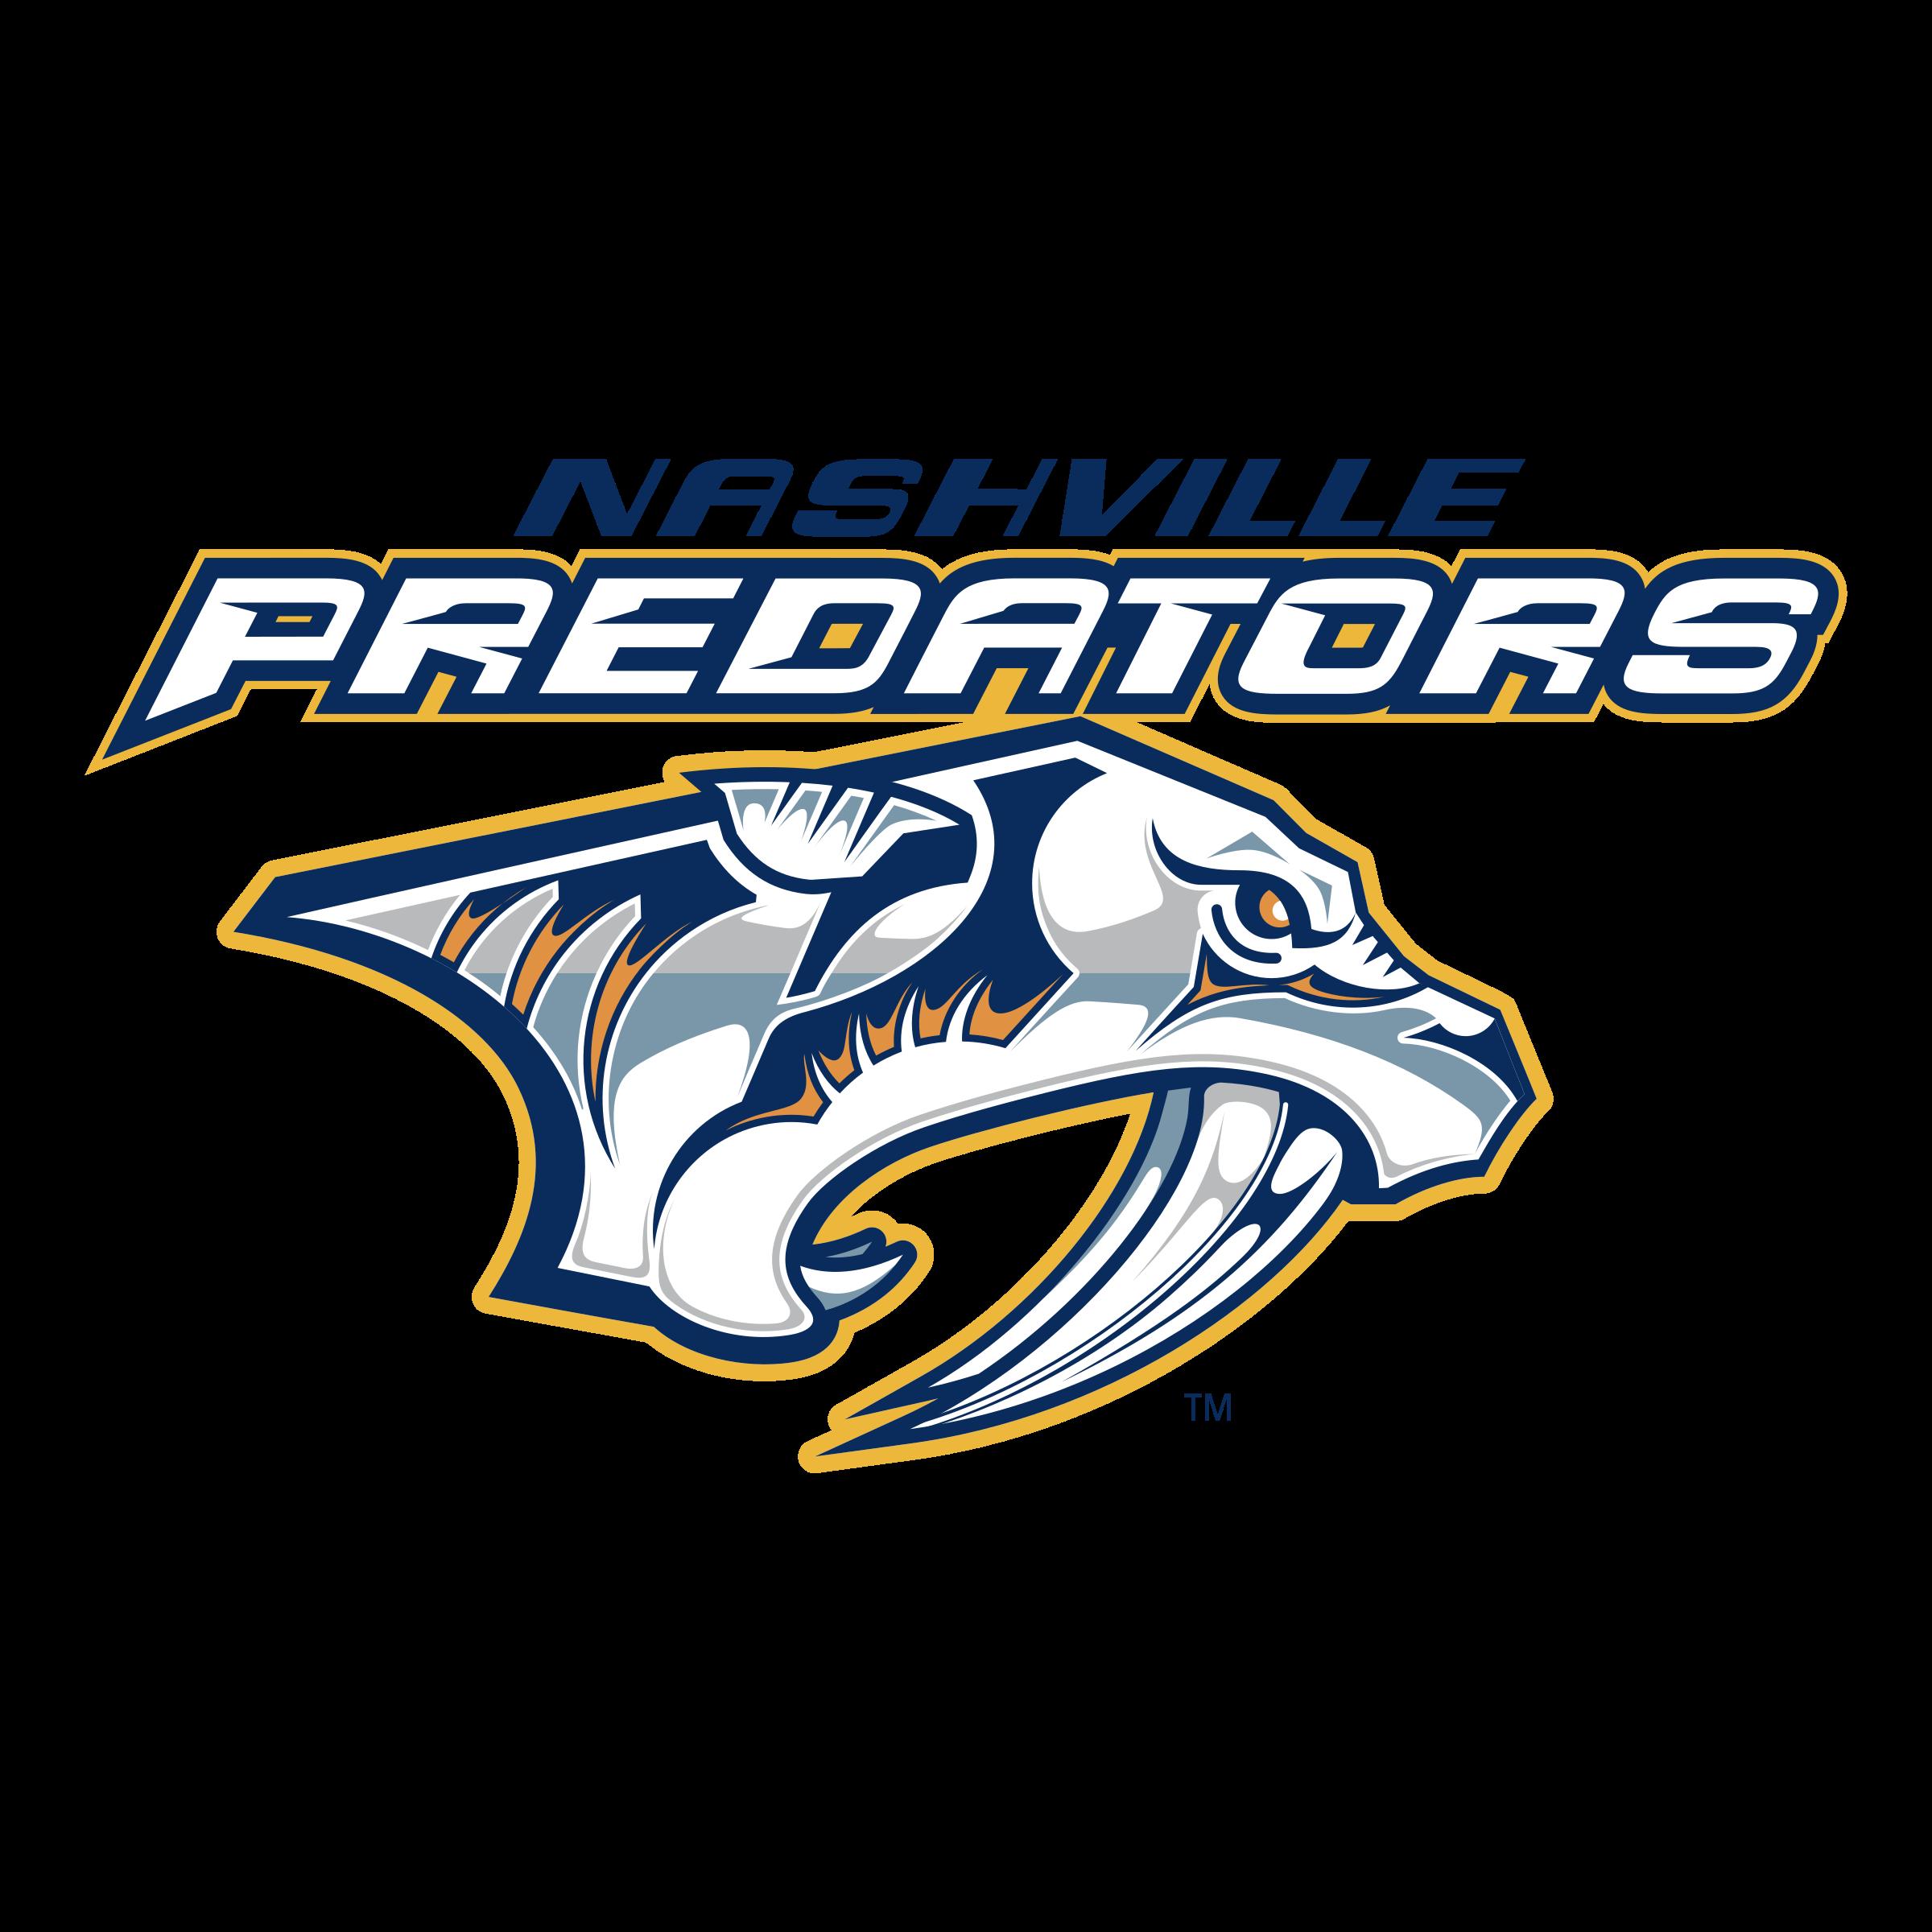 Nashville Predators Logo PNG Transparent & SVG Vector.